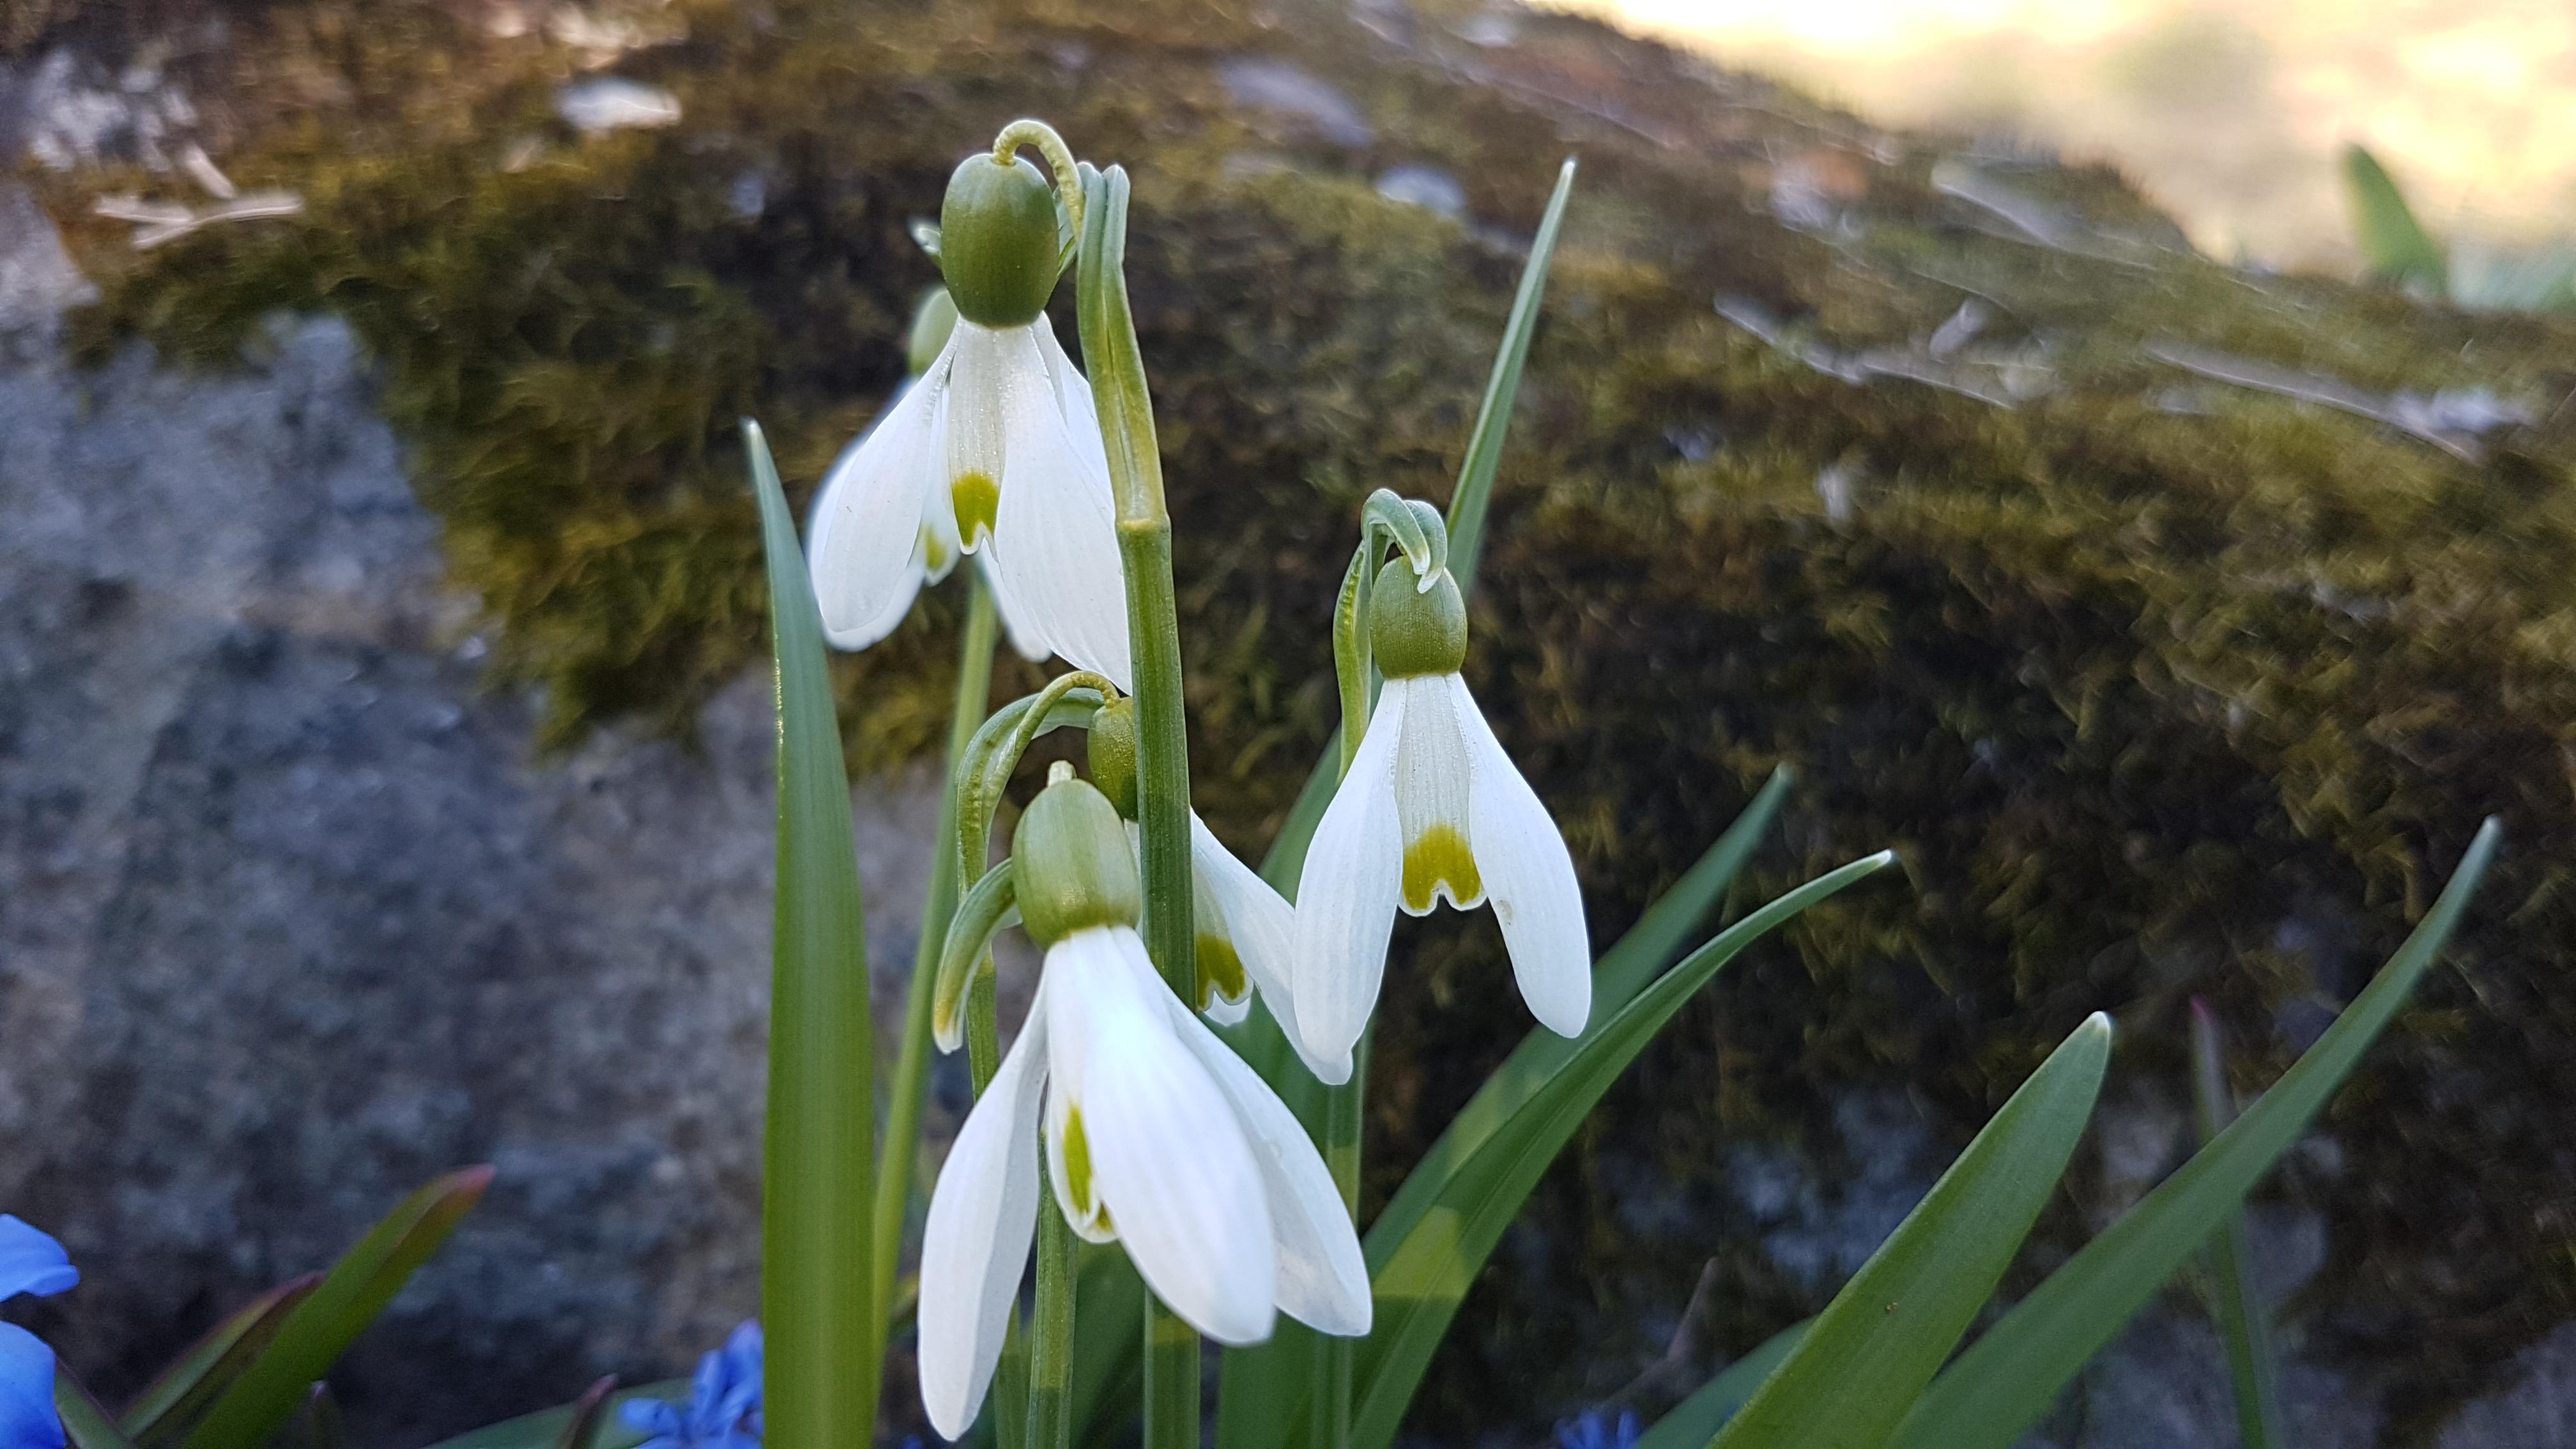 Hengende hvite blomster som vokser på egen stengel.